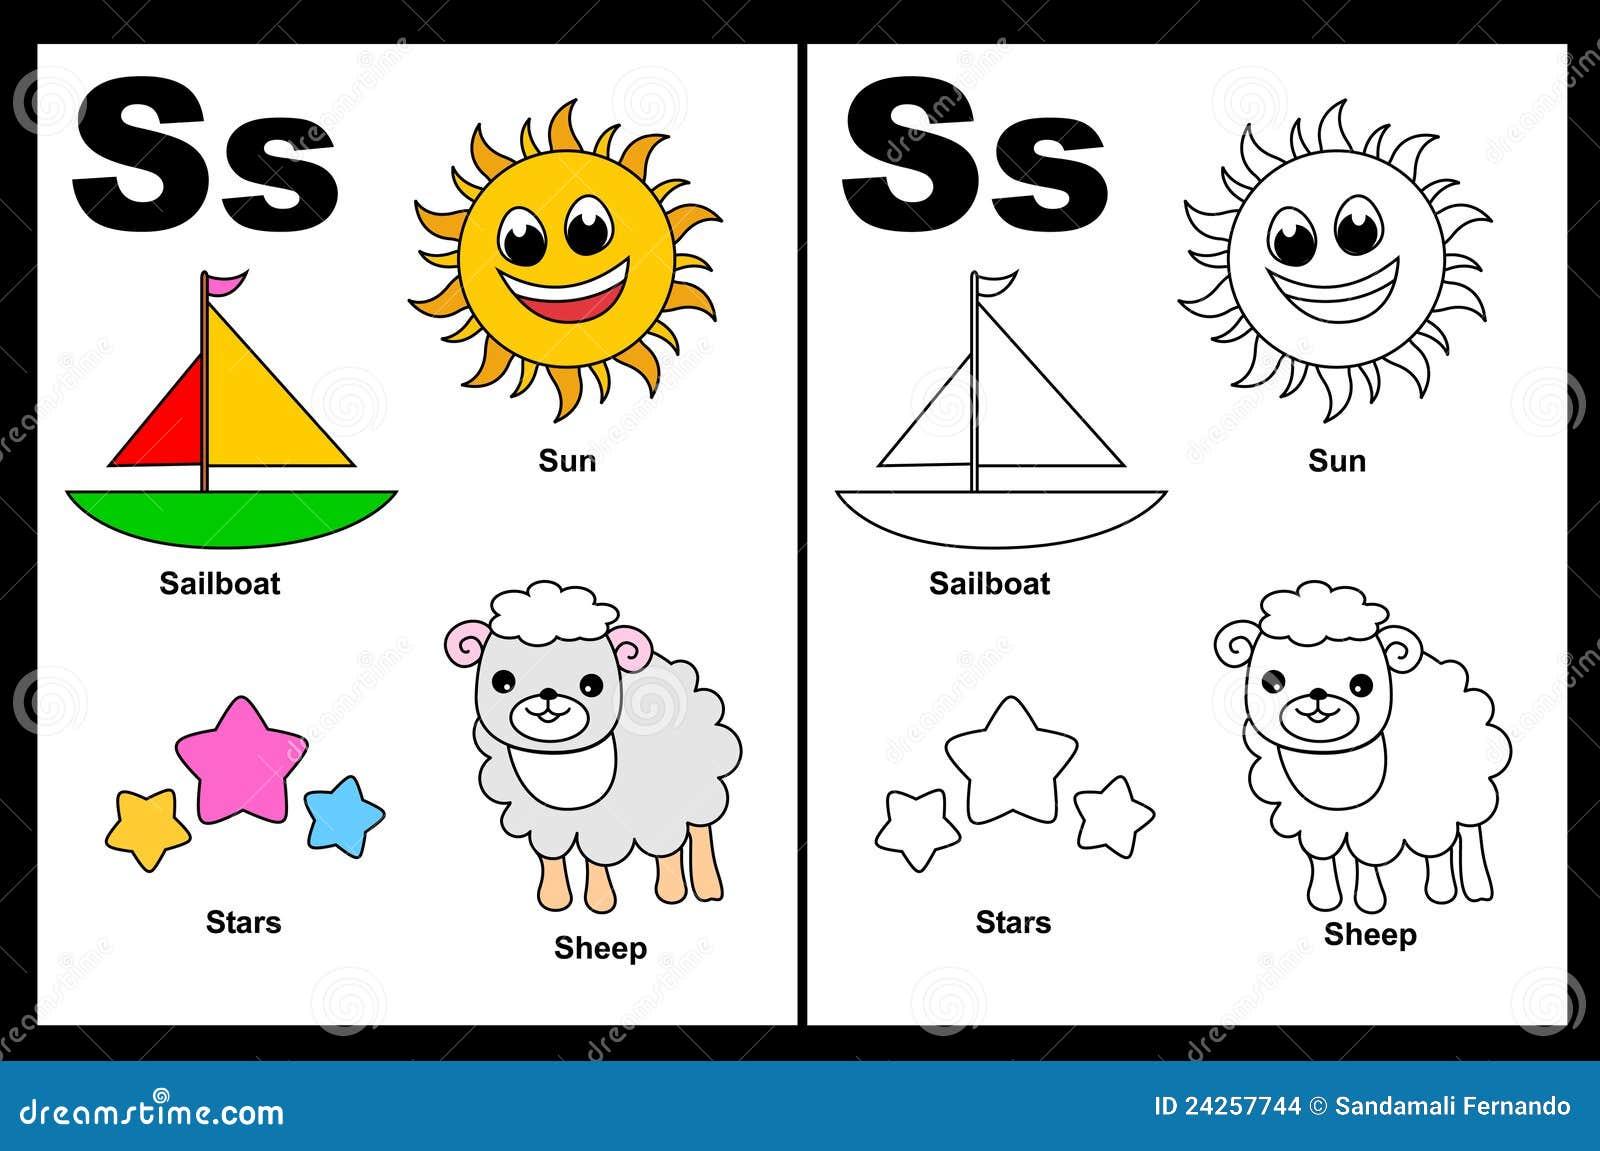 Letter S Worksheet Letter s worksheet